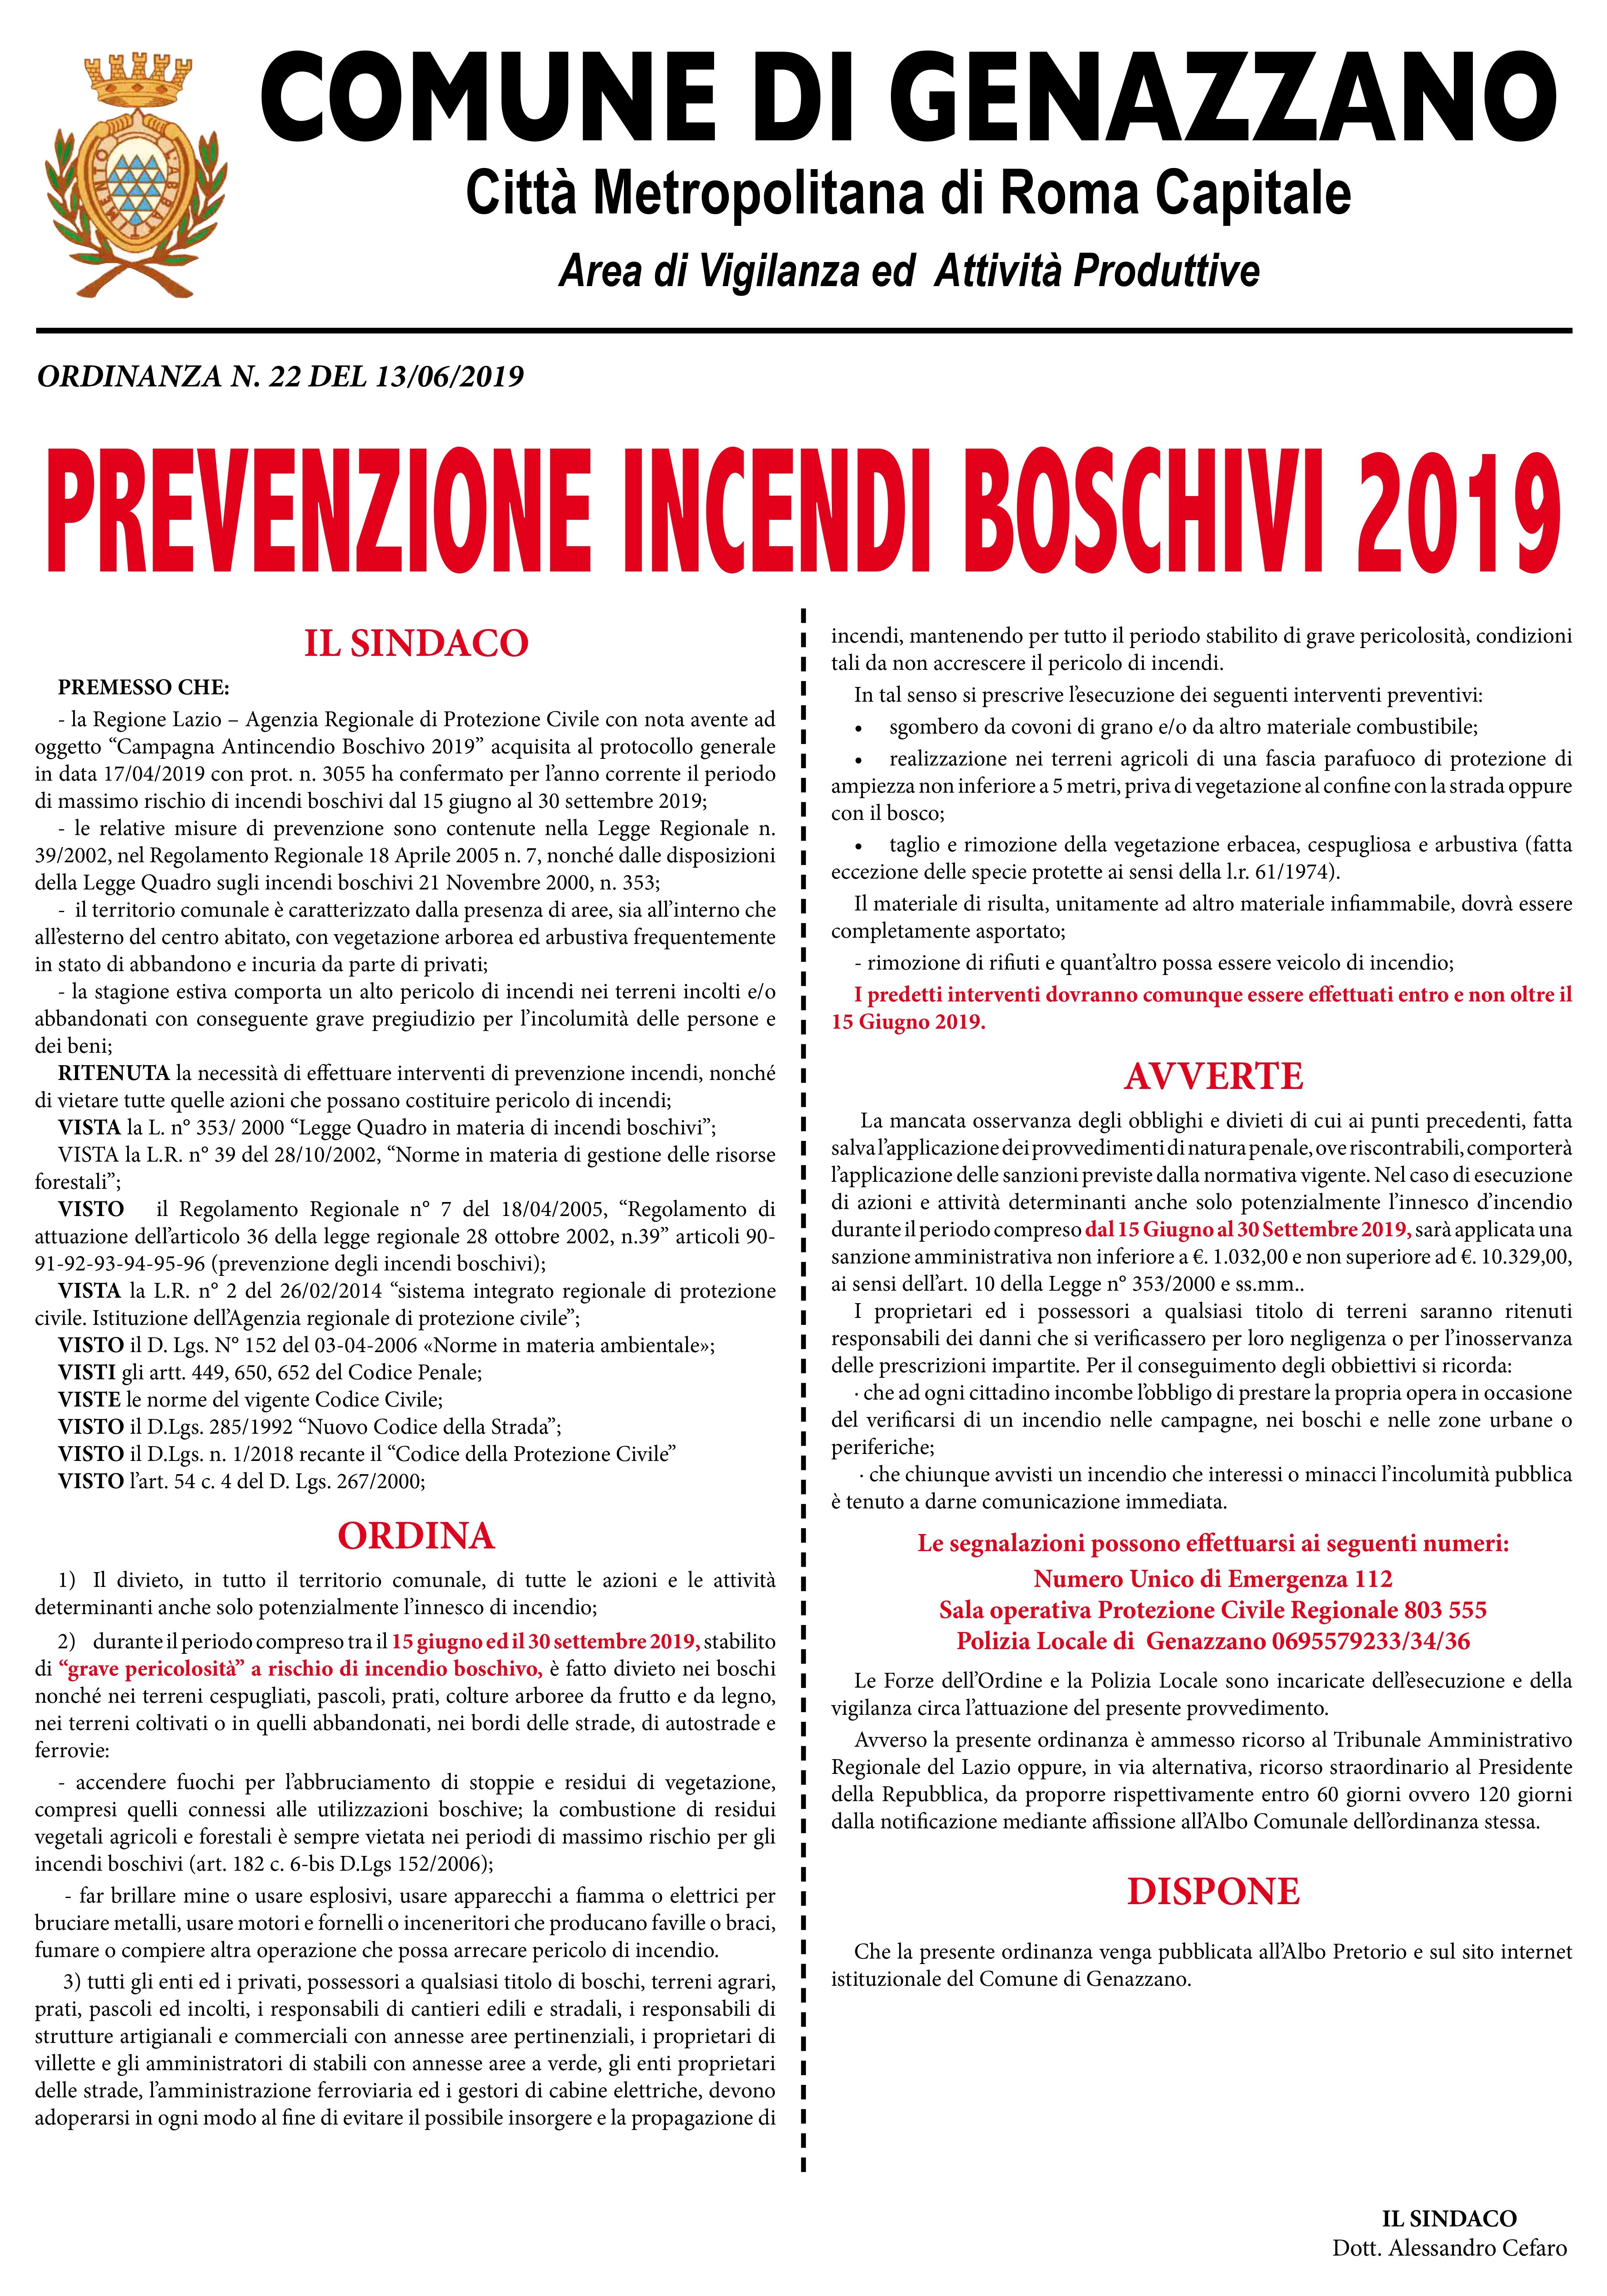 https://www.genazzano.org/immagini_news/21-06-2019/1561121143-237-.jpg